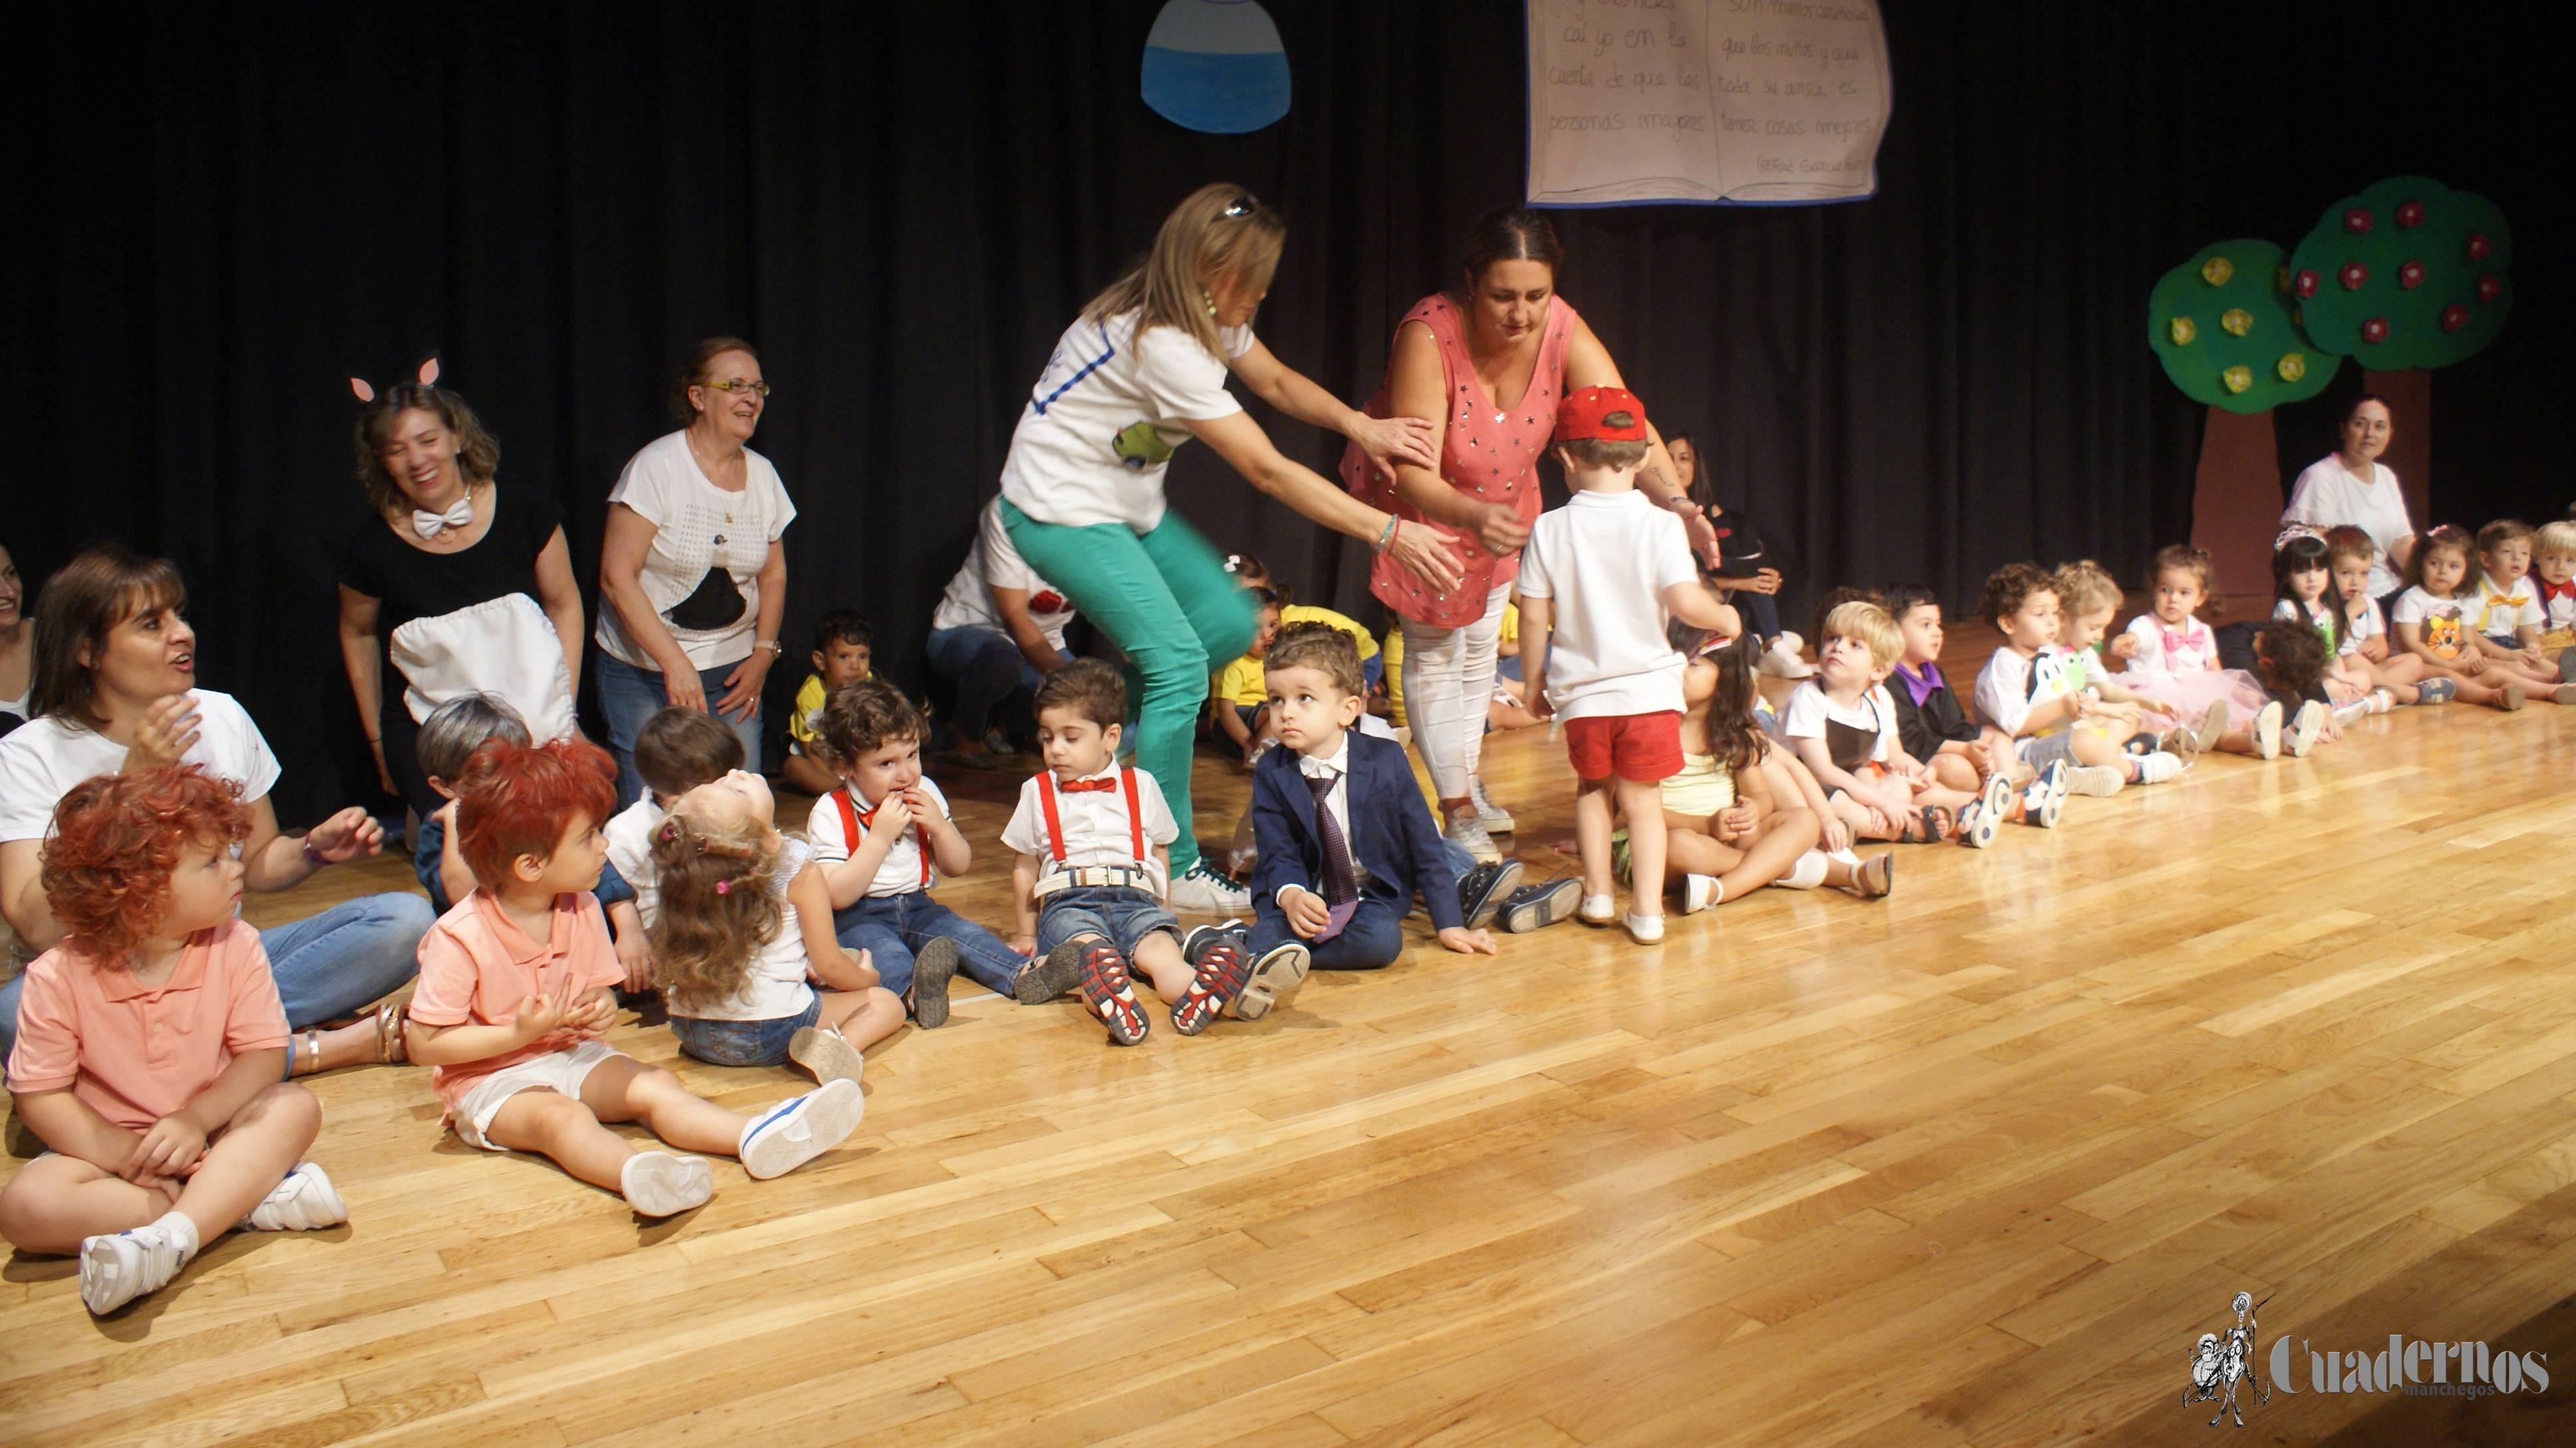 """La  EscueIa de Educación Infantil """"Lorencete"""" ha cerrado el curso escolar con un acto emotivo del que han podido disfrutar todos los asistentes por la brillantez y entusiasmo puesto por los niños de los distintos cursos"""